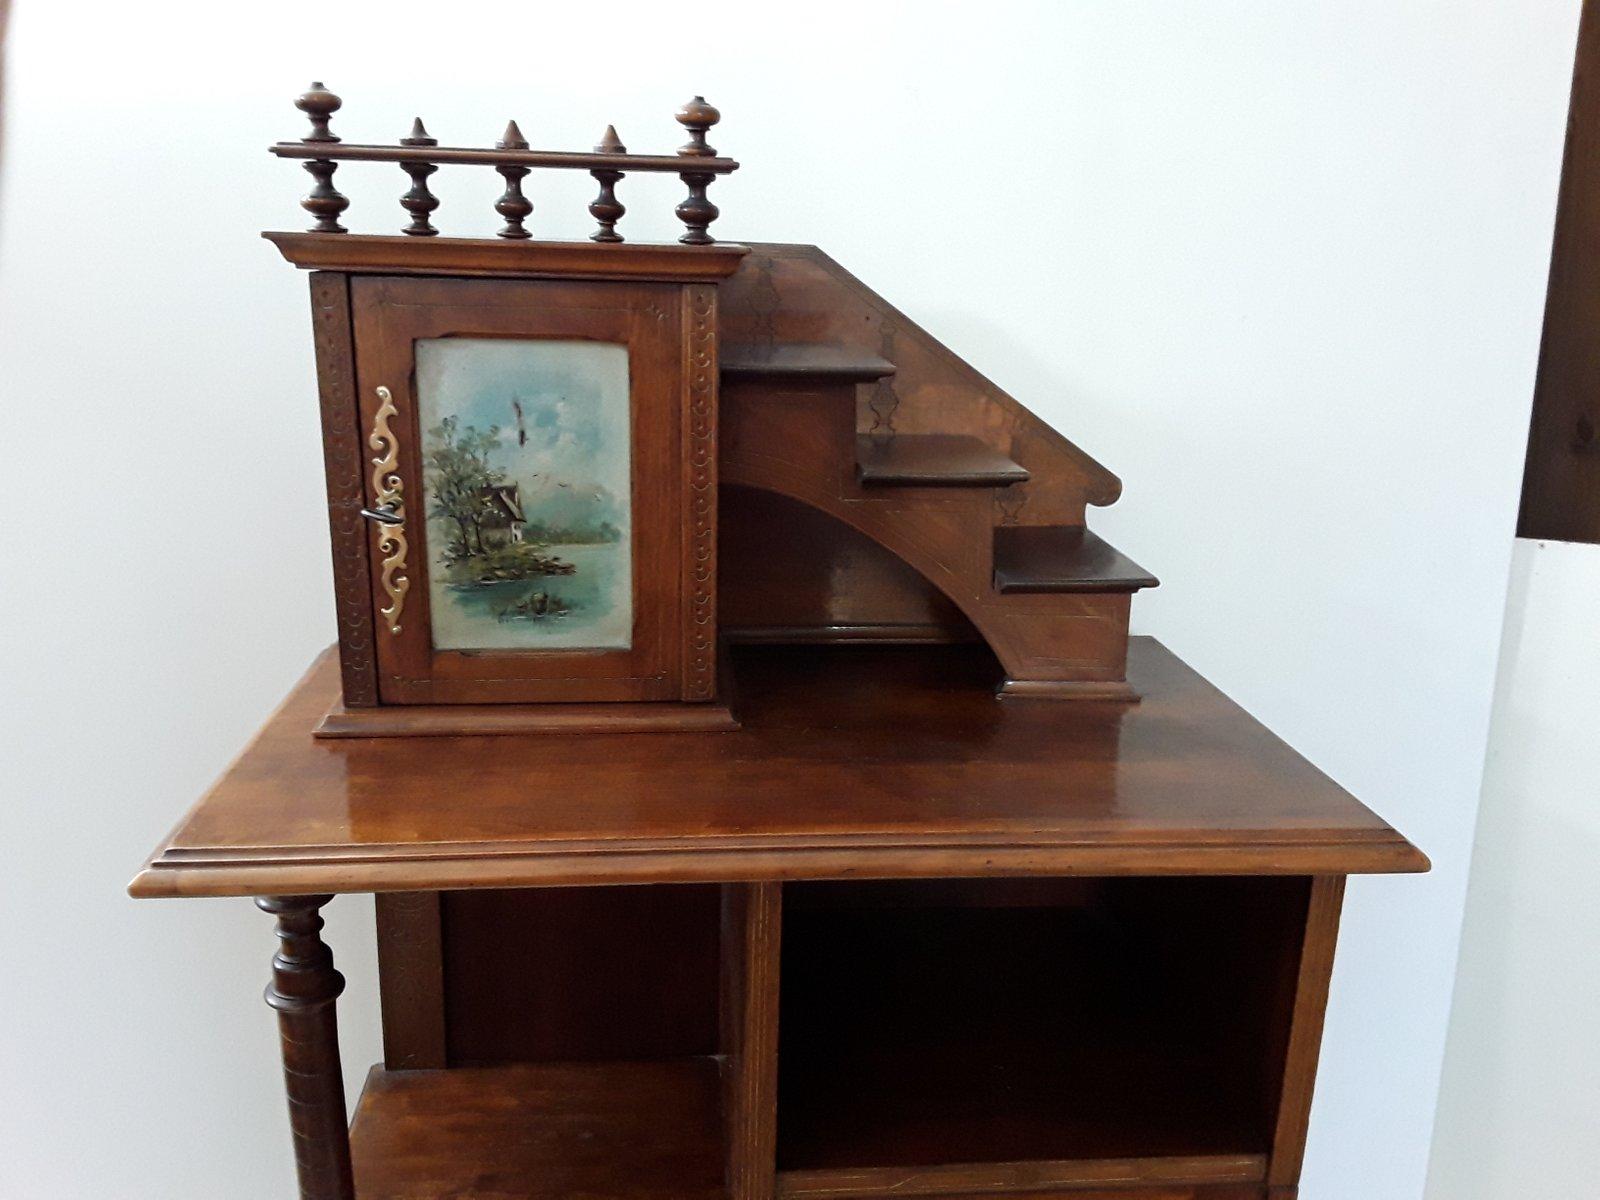 Meuble art nouveau antique en vente sur pamono - Meuble art nouveau ...